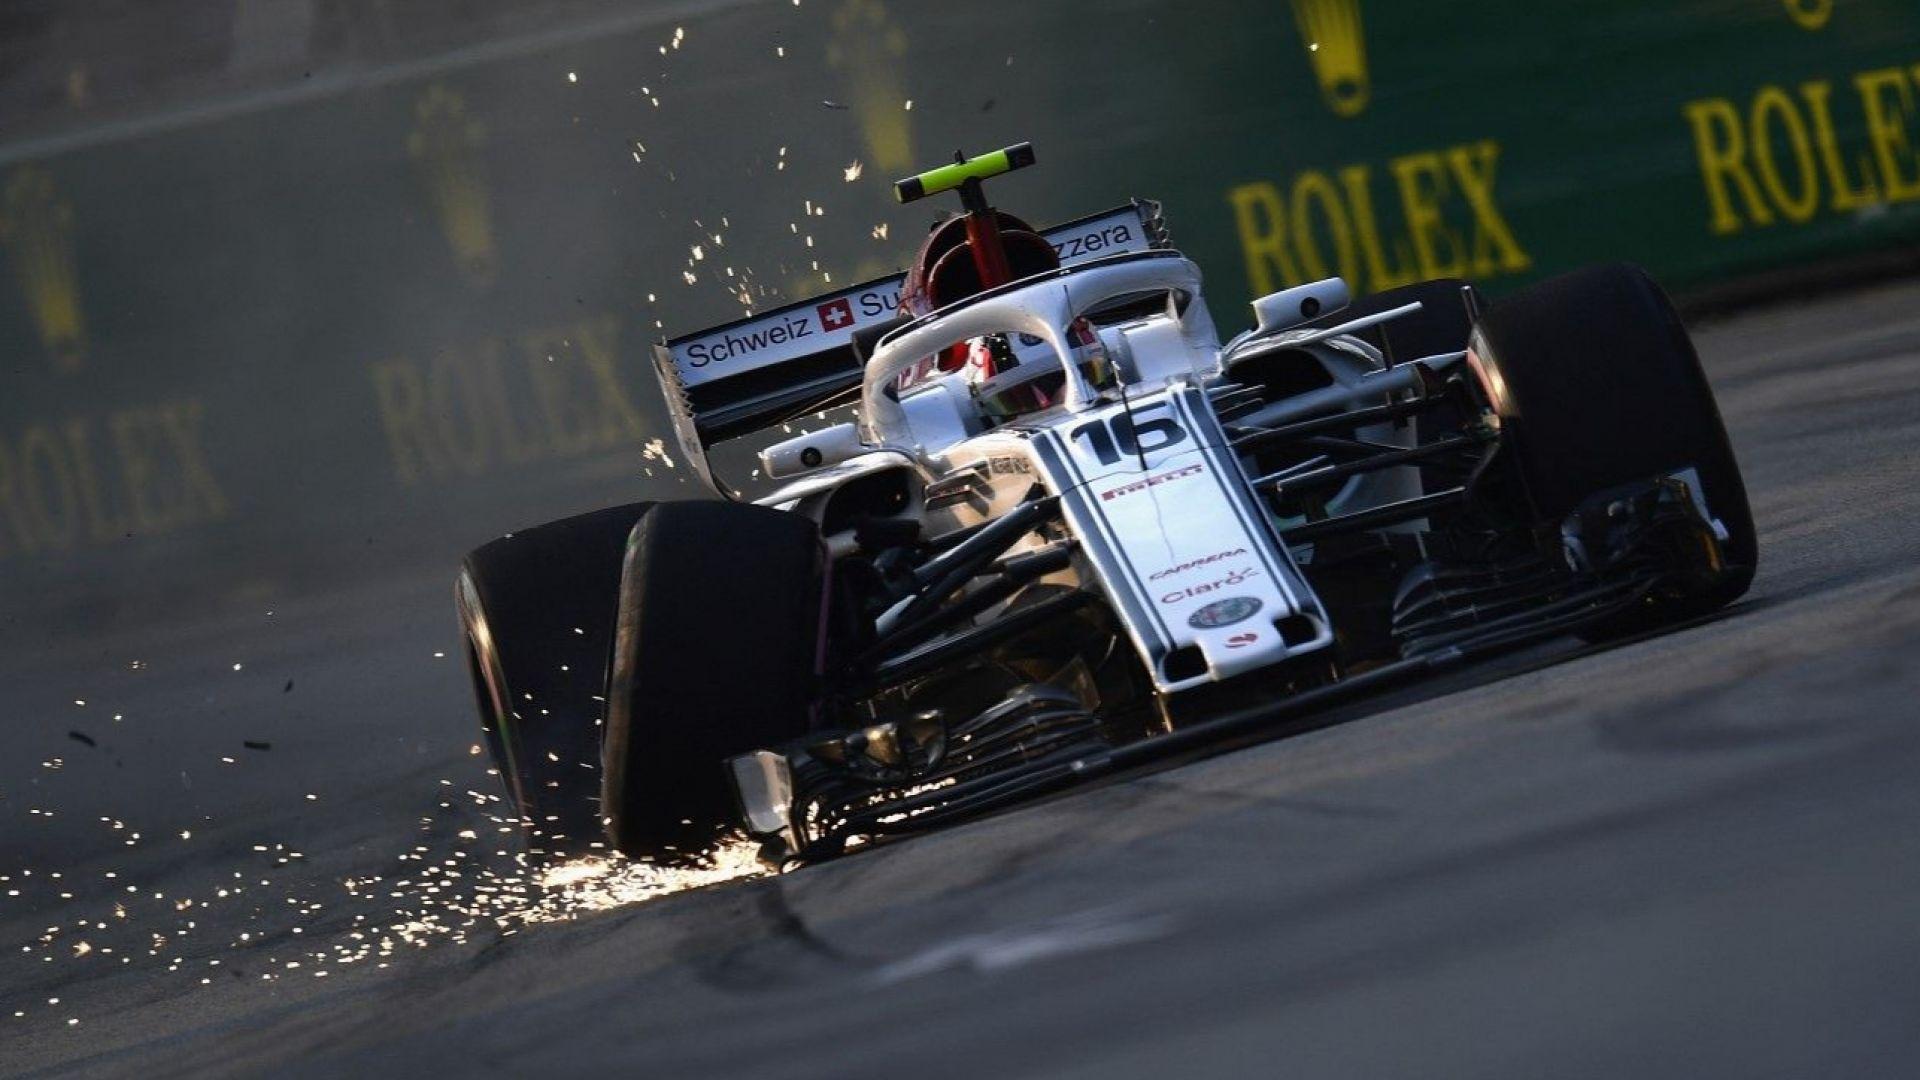 Във Формула 1 си поставиха краен срок за започване, може и без публика